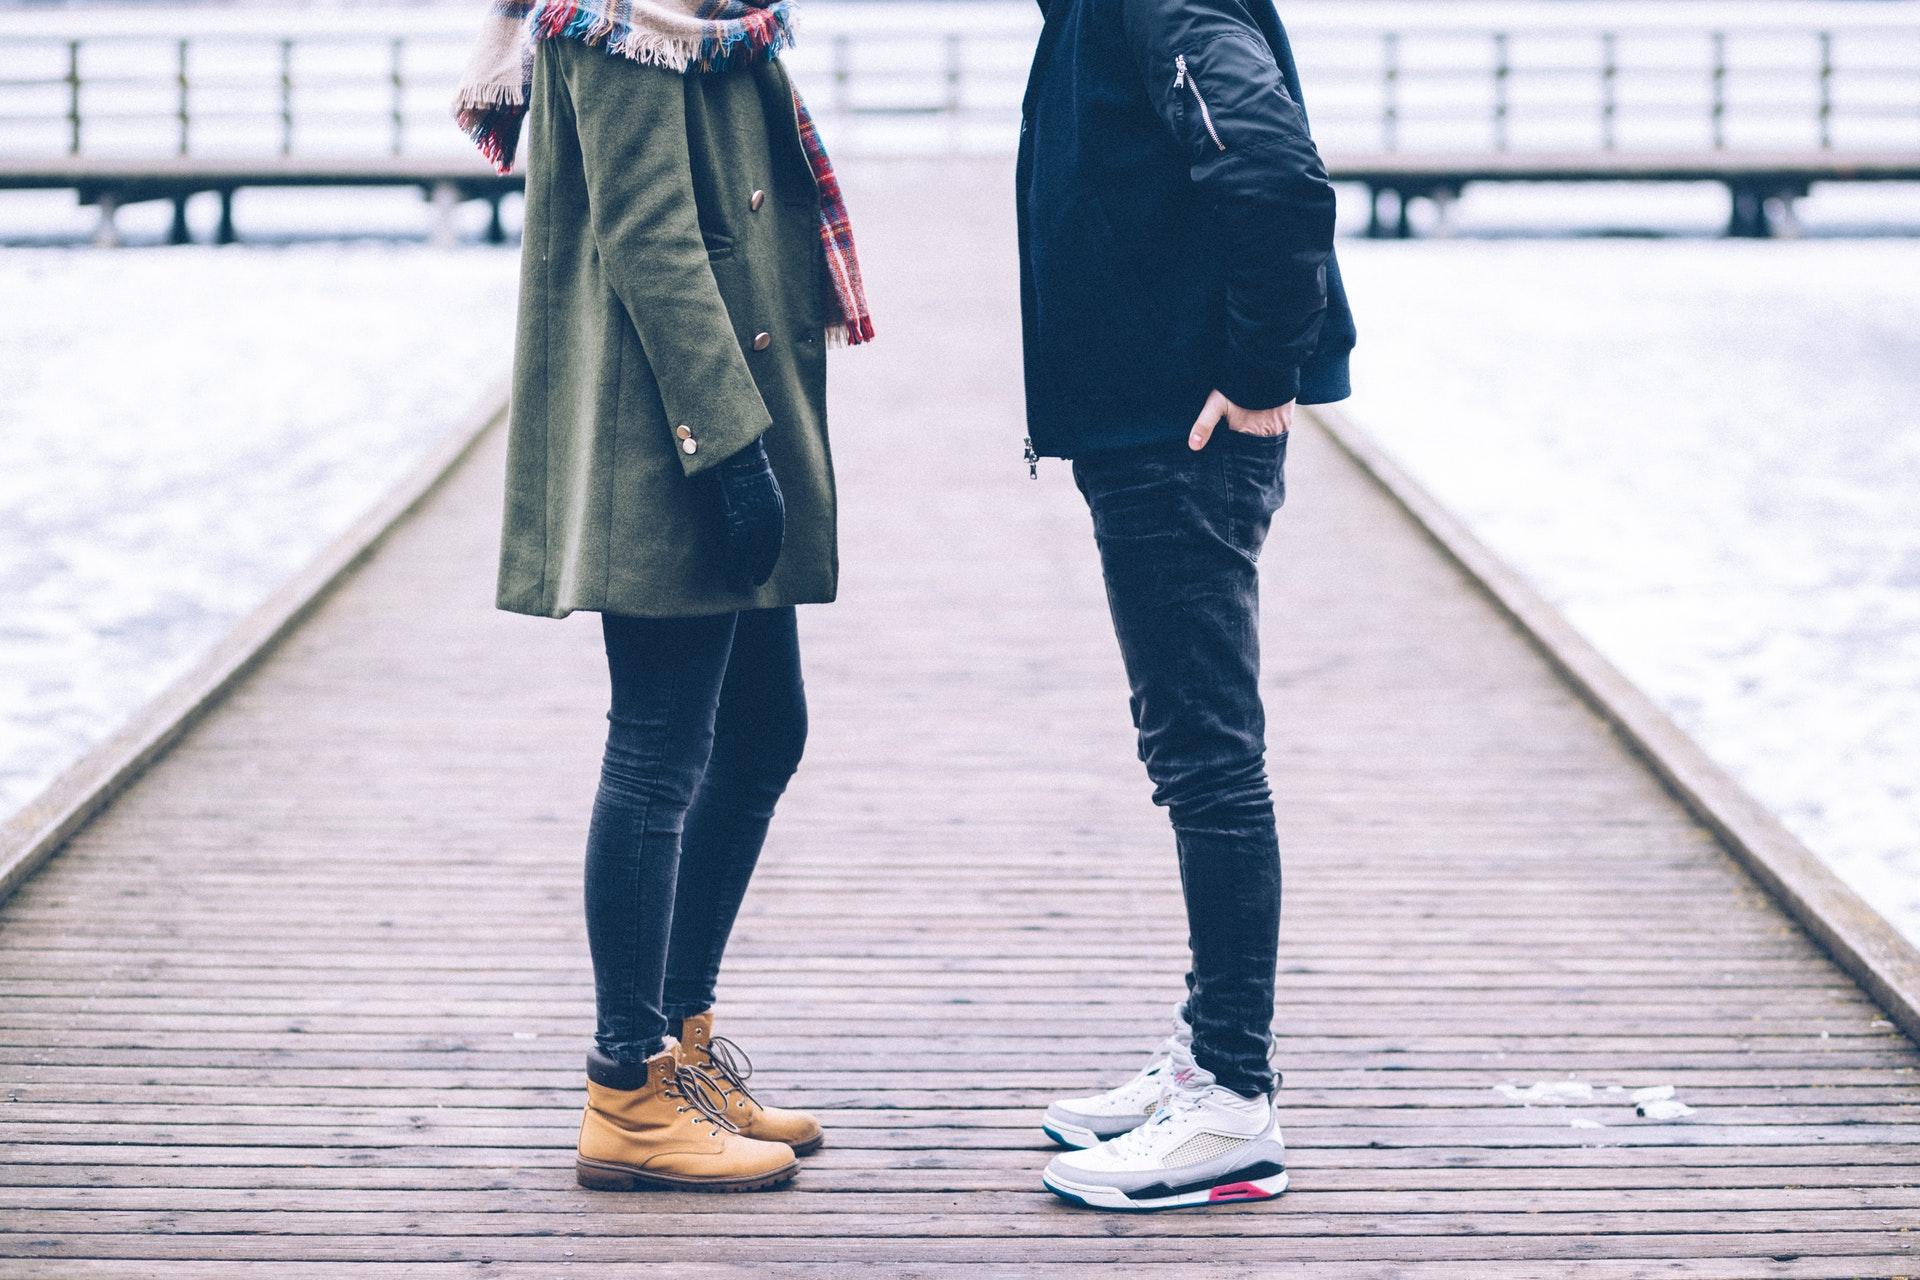 向き合うカップル